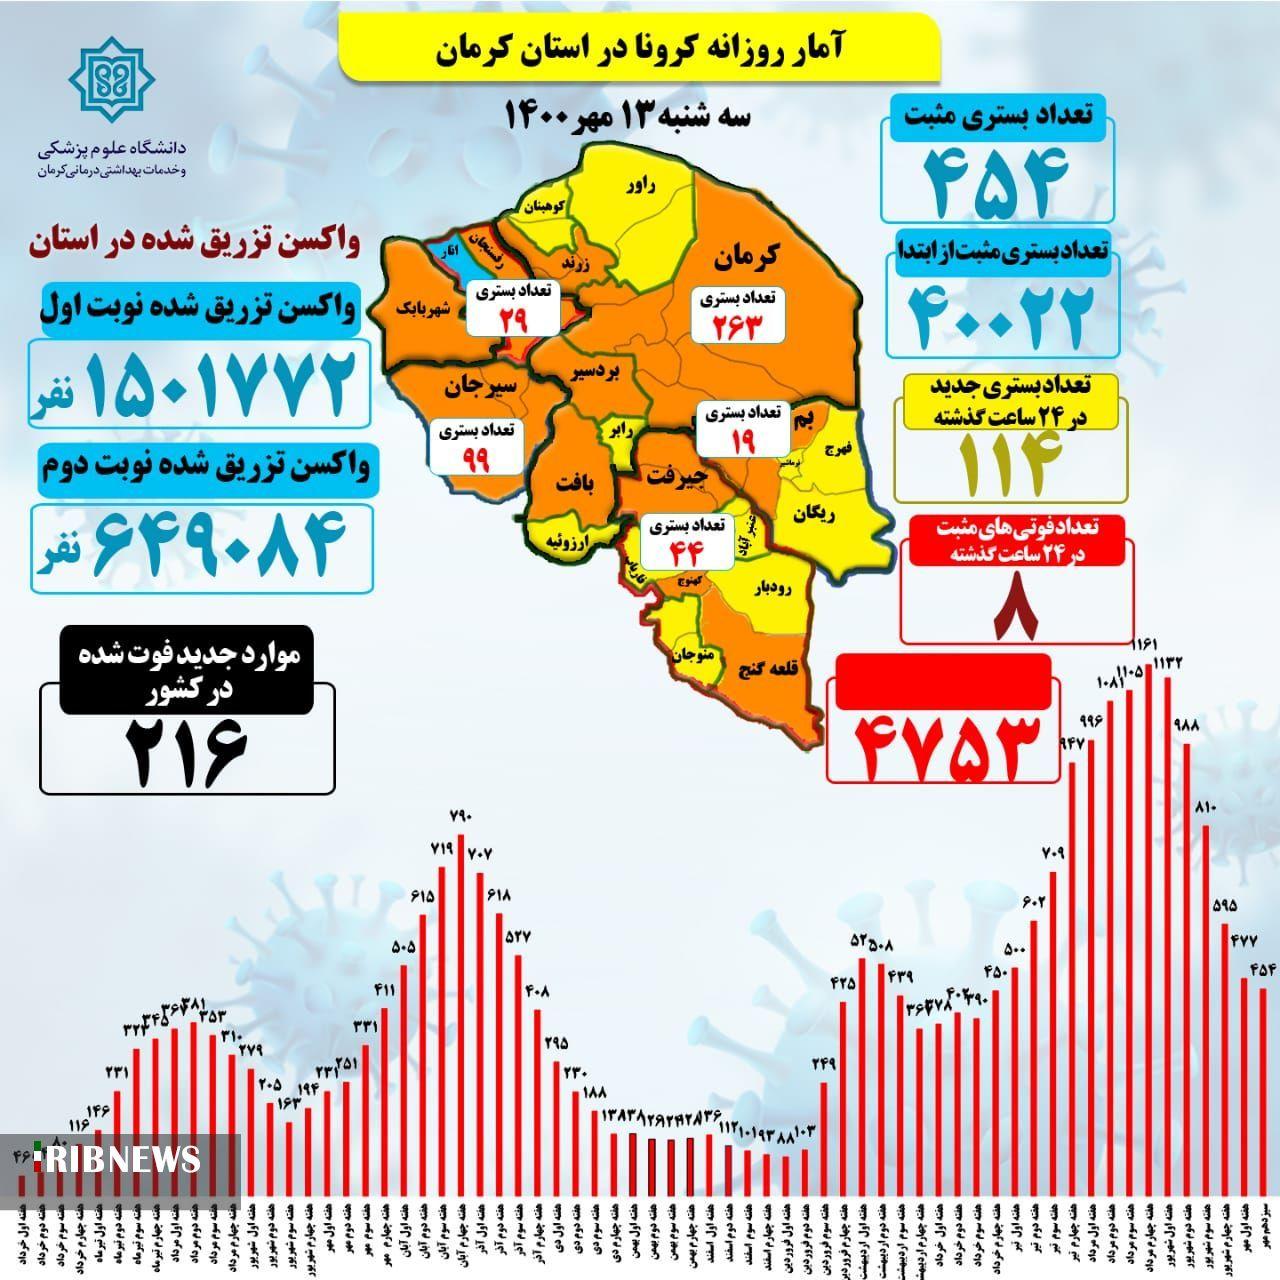 ۸ فوتی کرونا در کرمان